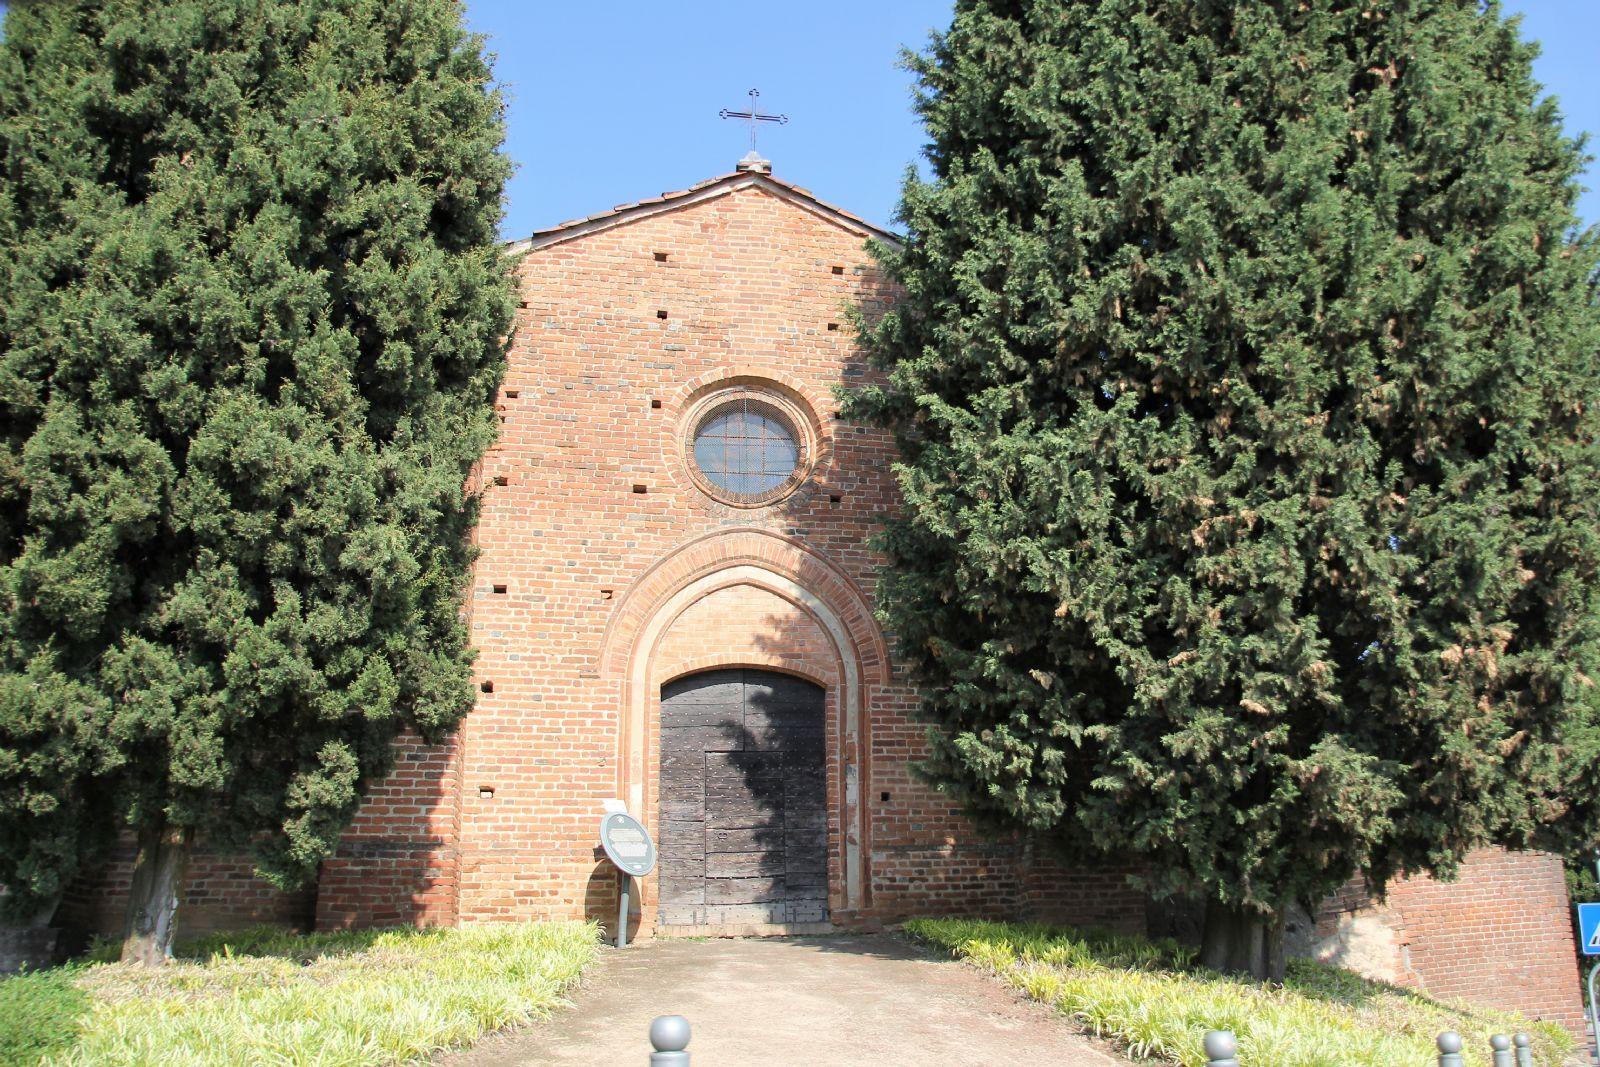 Comune Di Pecetto Torinese chiesa di san sebastiano - comune di pecetto torinese